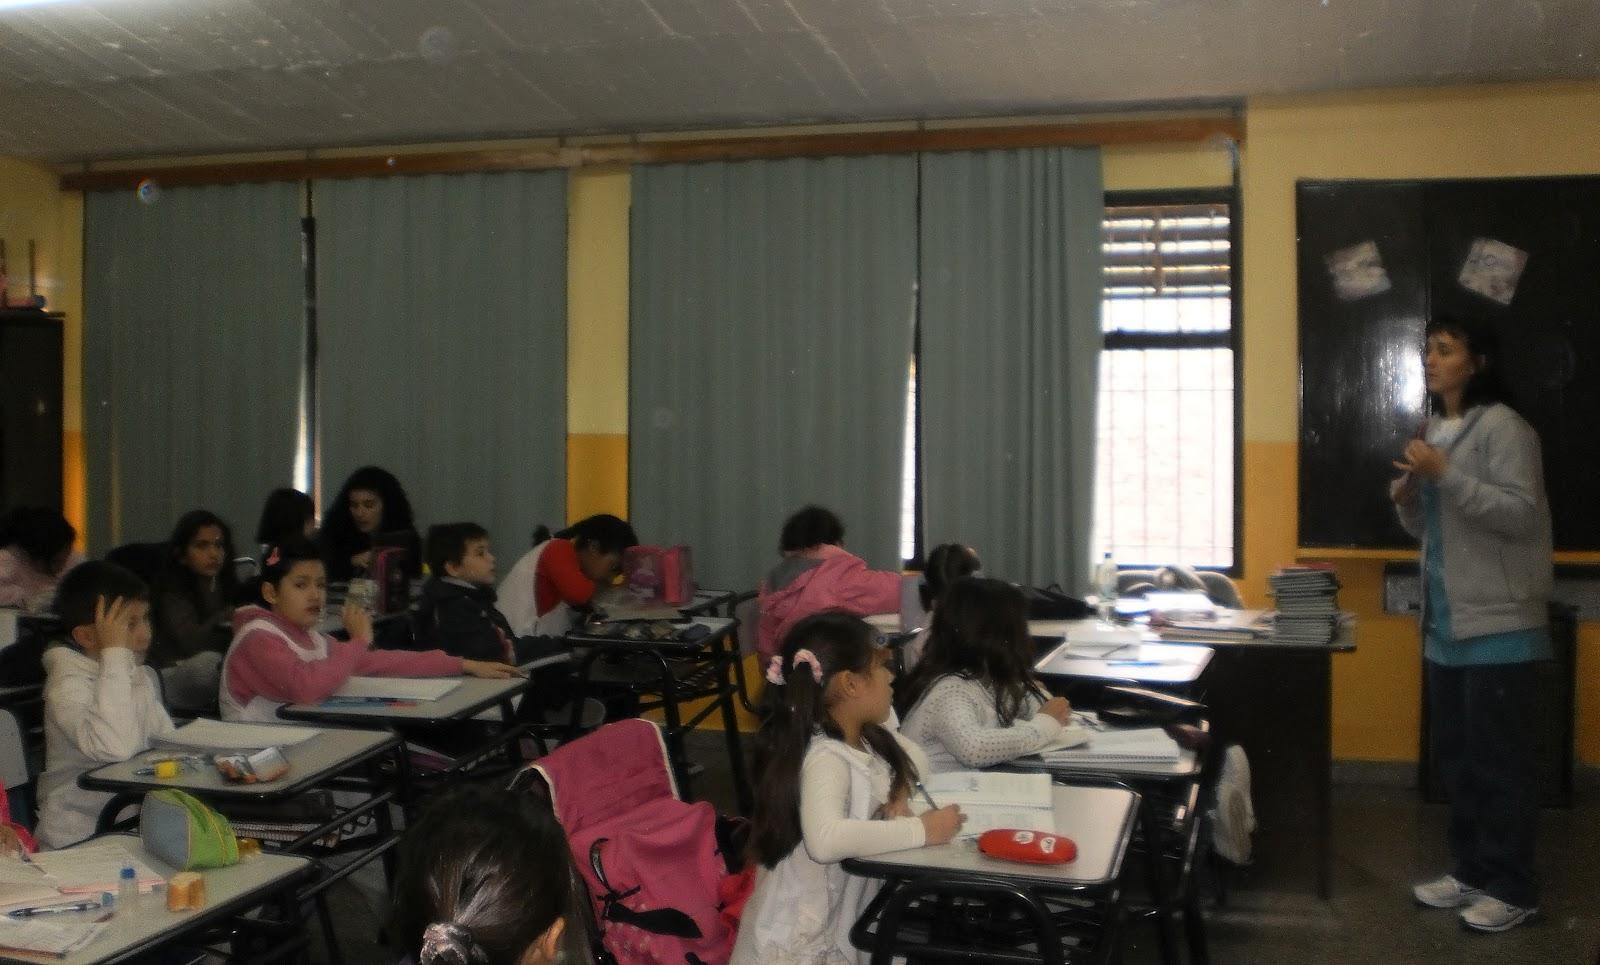 Escuela 261 viedma cortinas nuevas for Cortinas para aulas